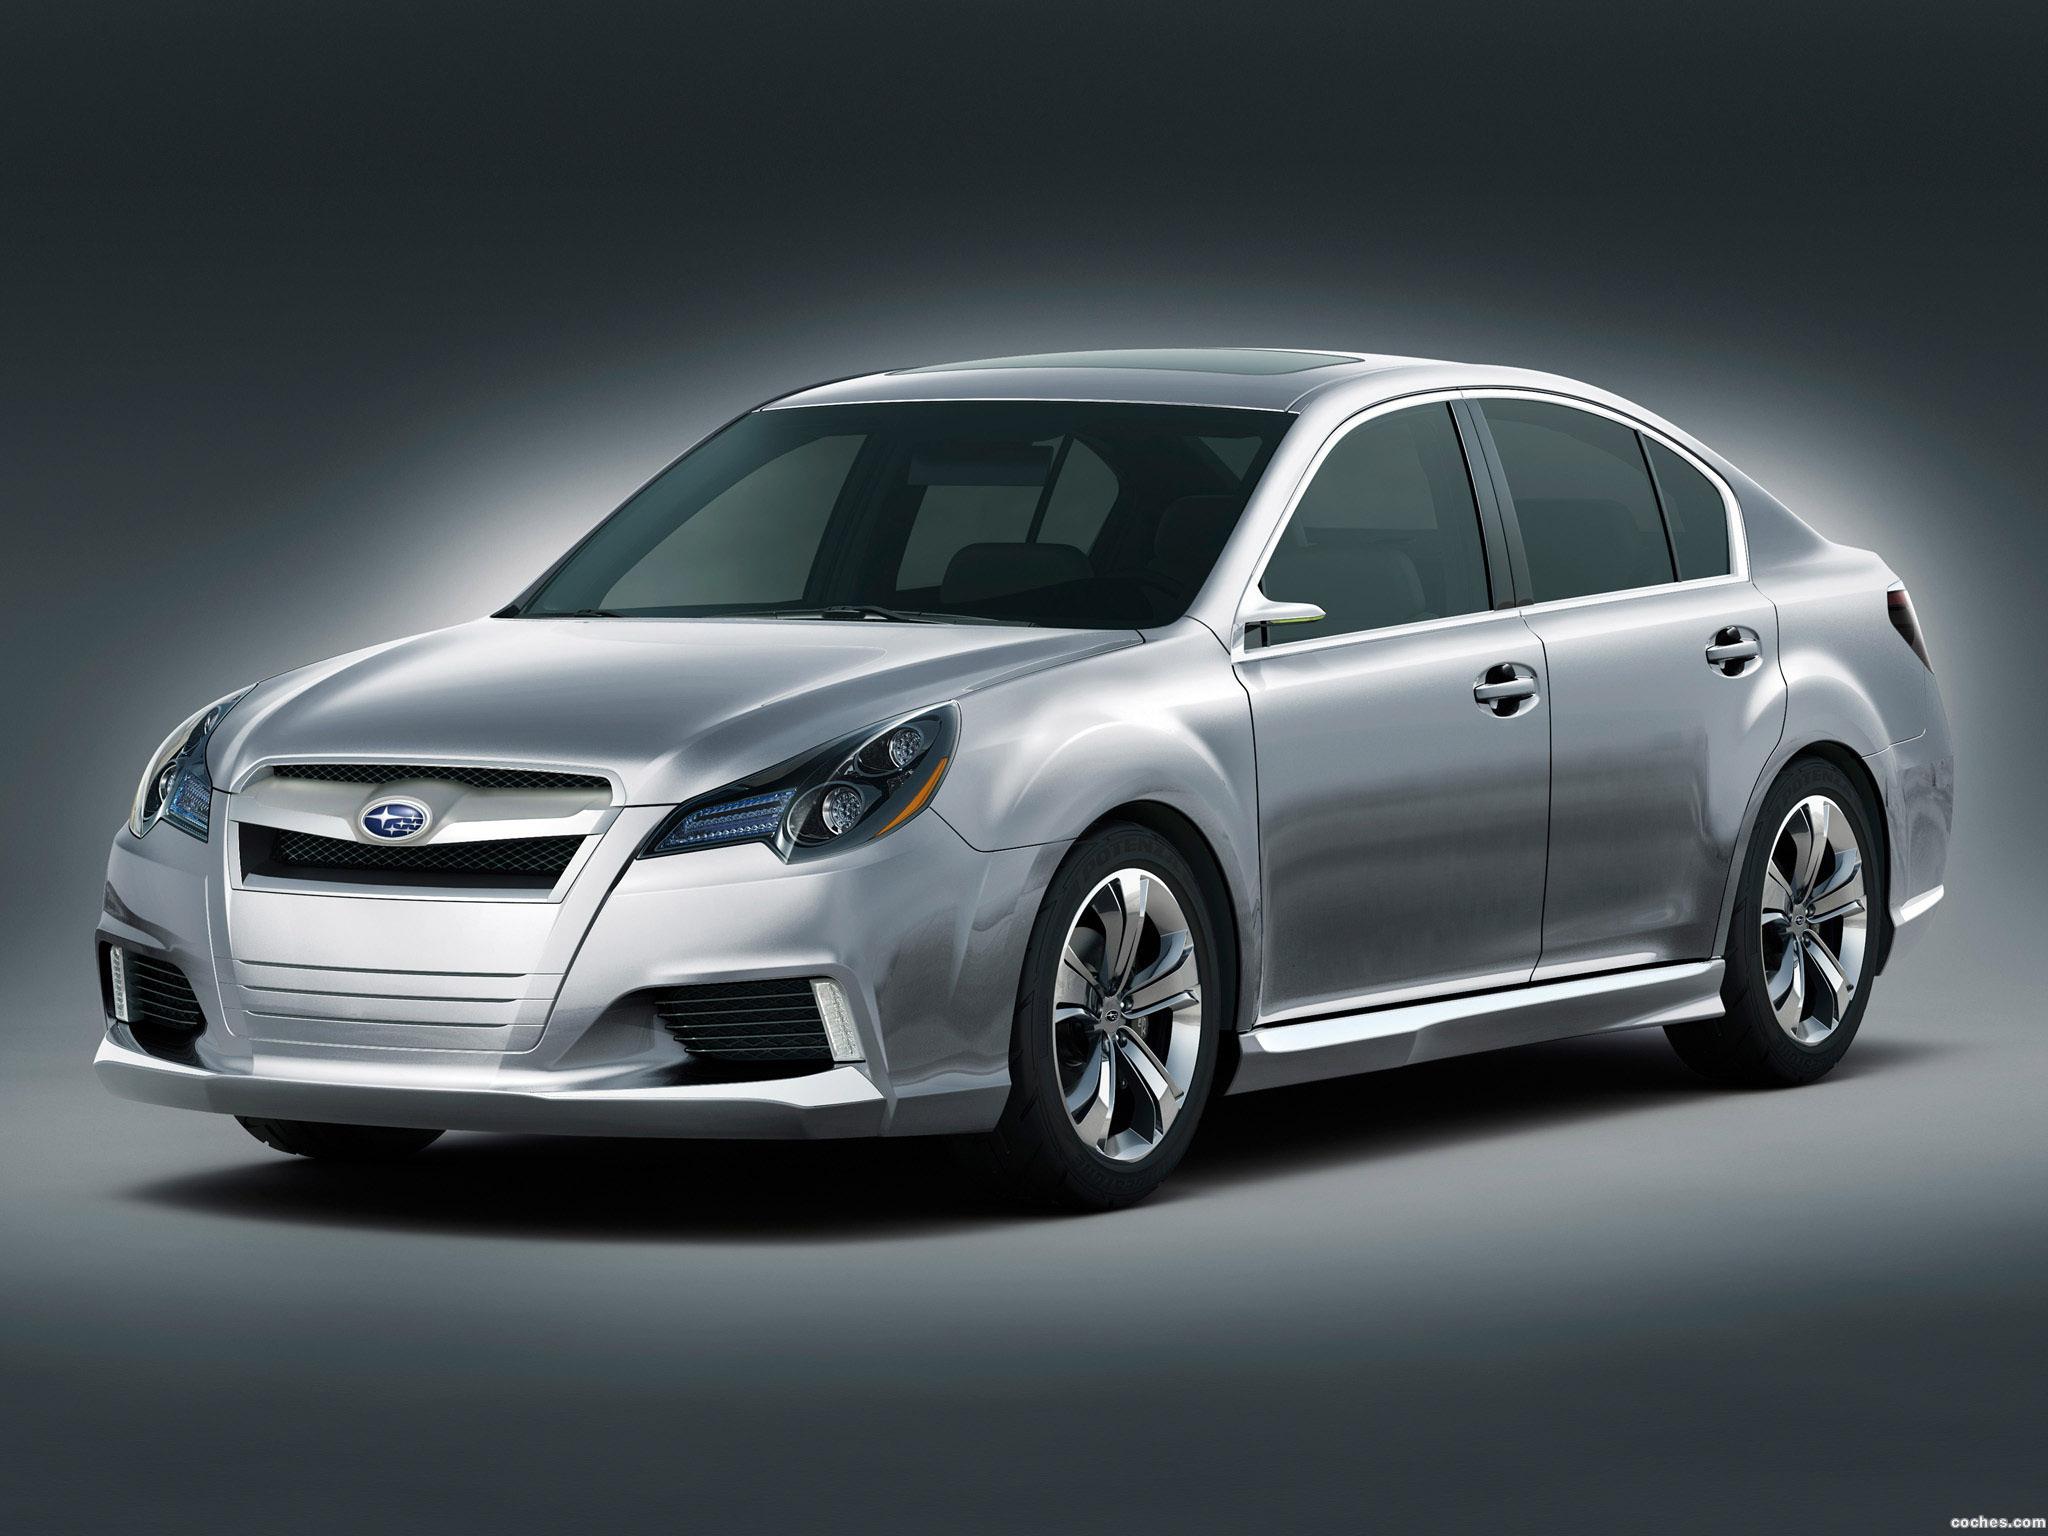 Foto 0 de Subaru Legacy Concept 2009